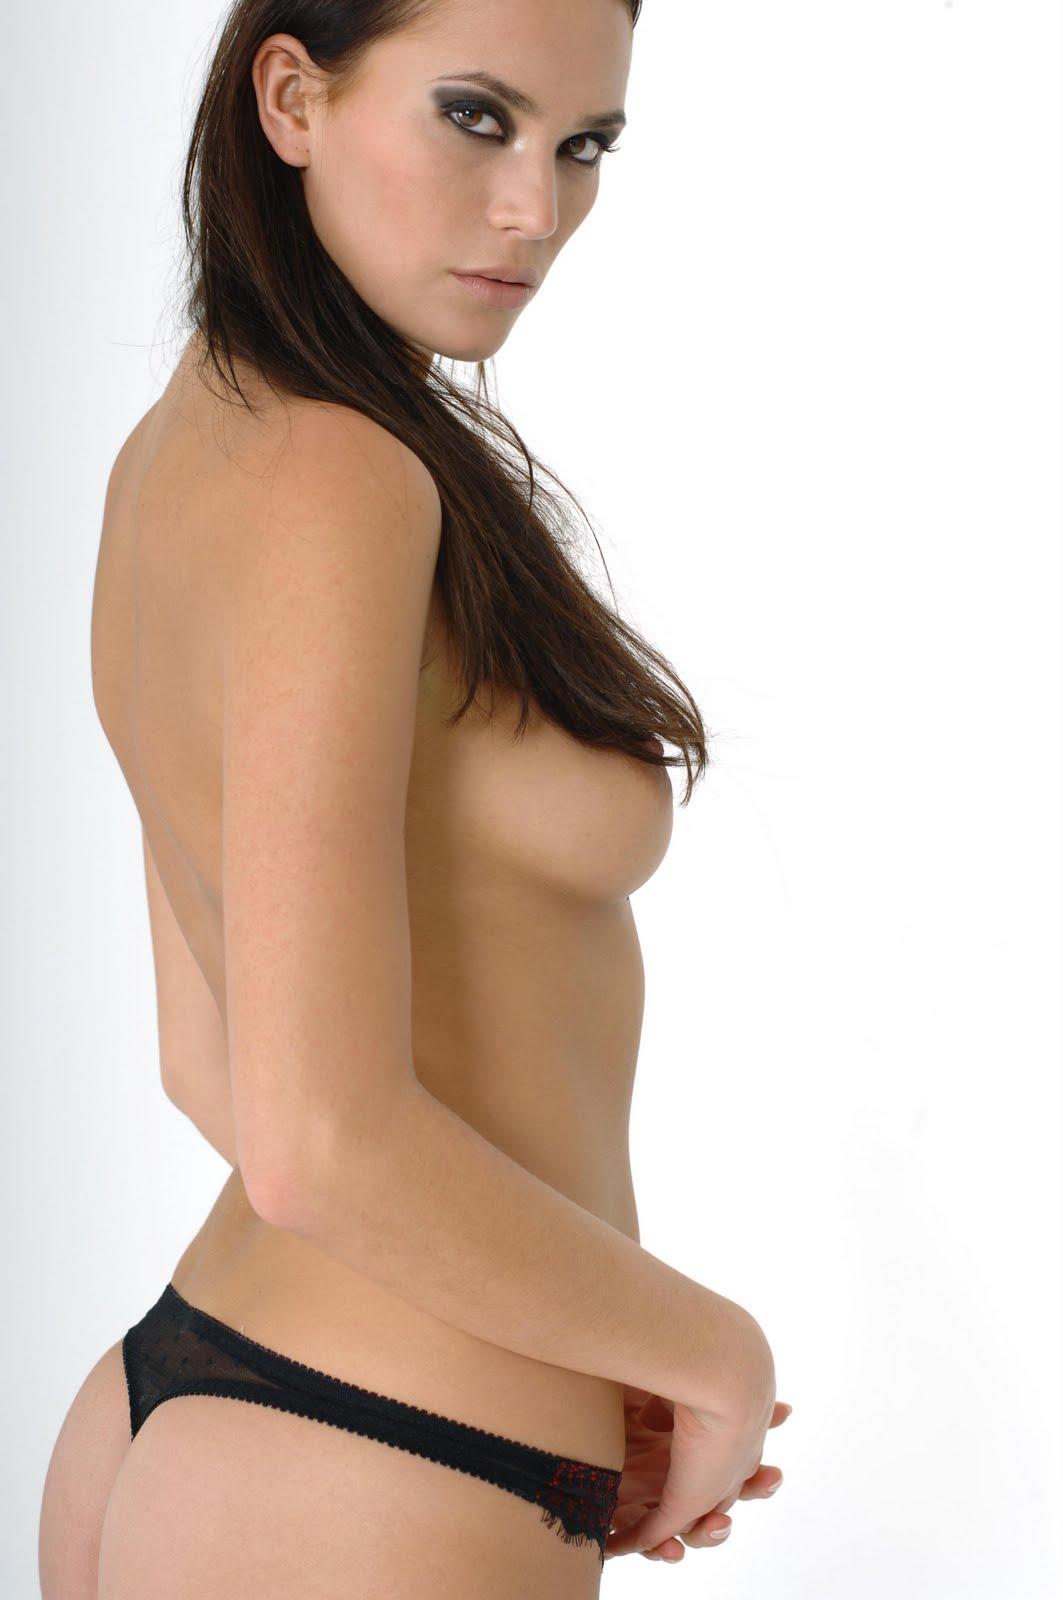 http://2.bp.blogspot.com/-0d6dcns0Sxg/TZoss4aSPNI/AAAAAAAAIas/jM4lgq87XCw/s1600/Lucy%2BClarkson4.jpg